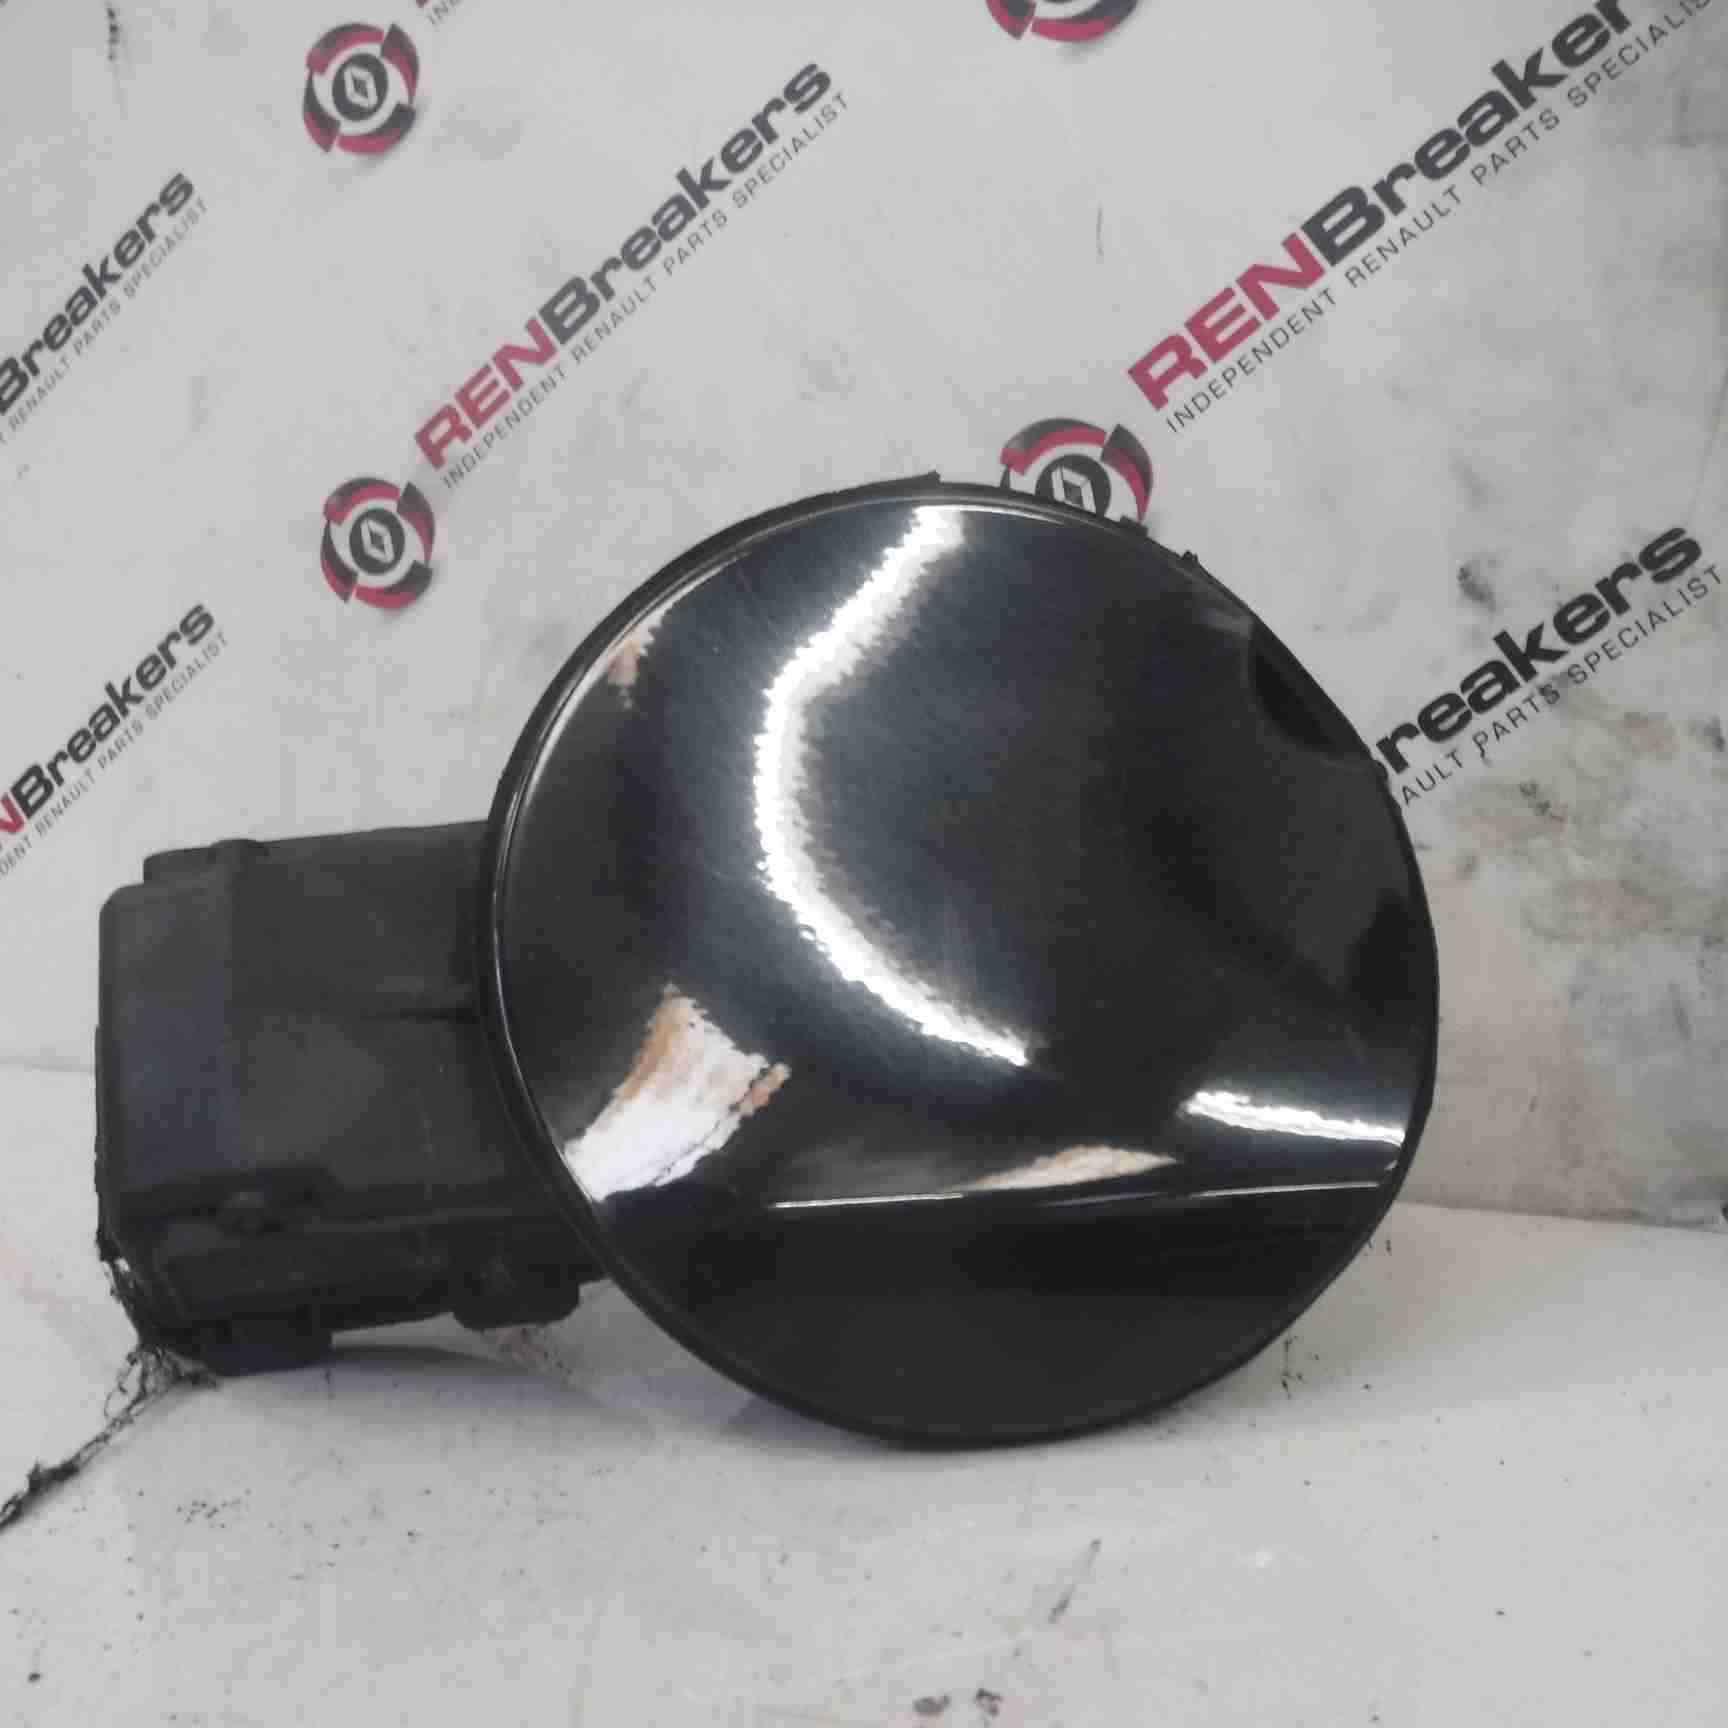 Renault Megane MK3 Estate 2008-2014 Fuel Flap Cover Black TEGNE